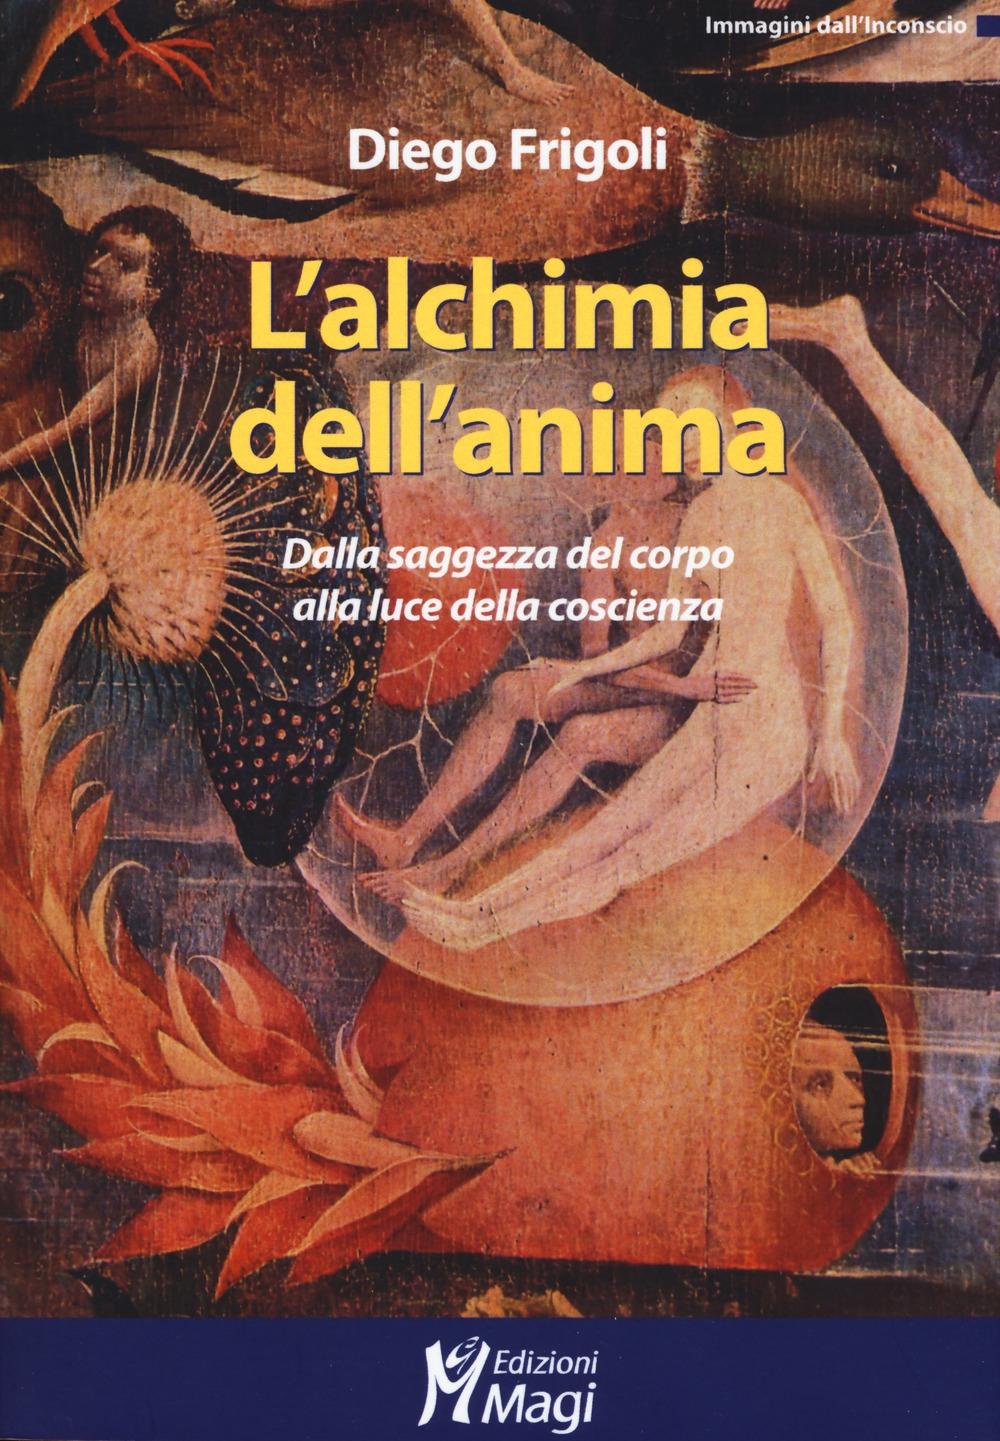 L'alchimia dell'anima. Dalla saggezza del corpo alla luce della coscienza